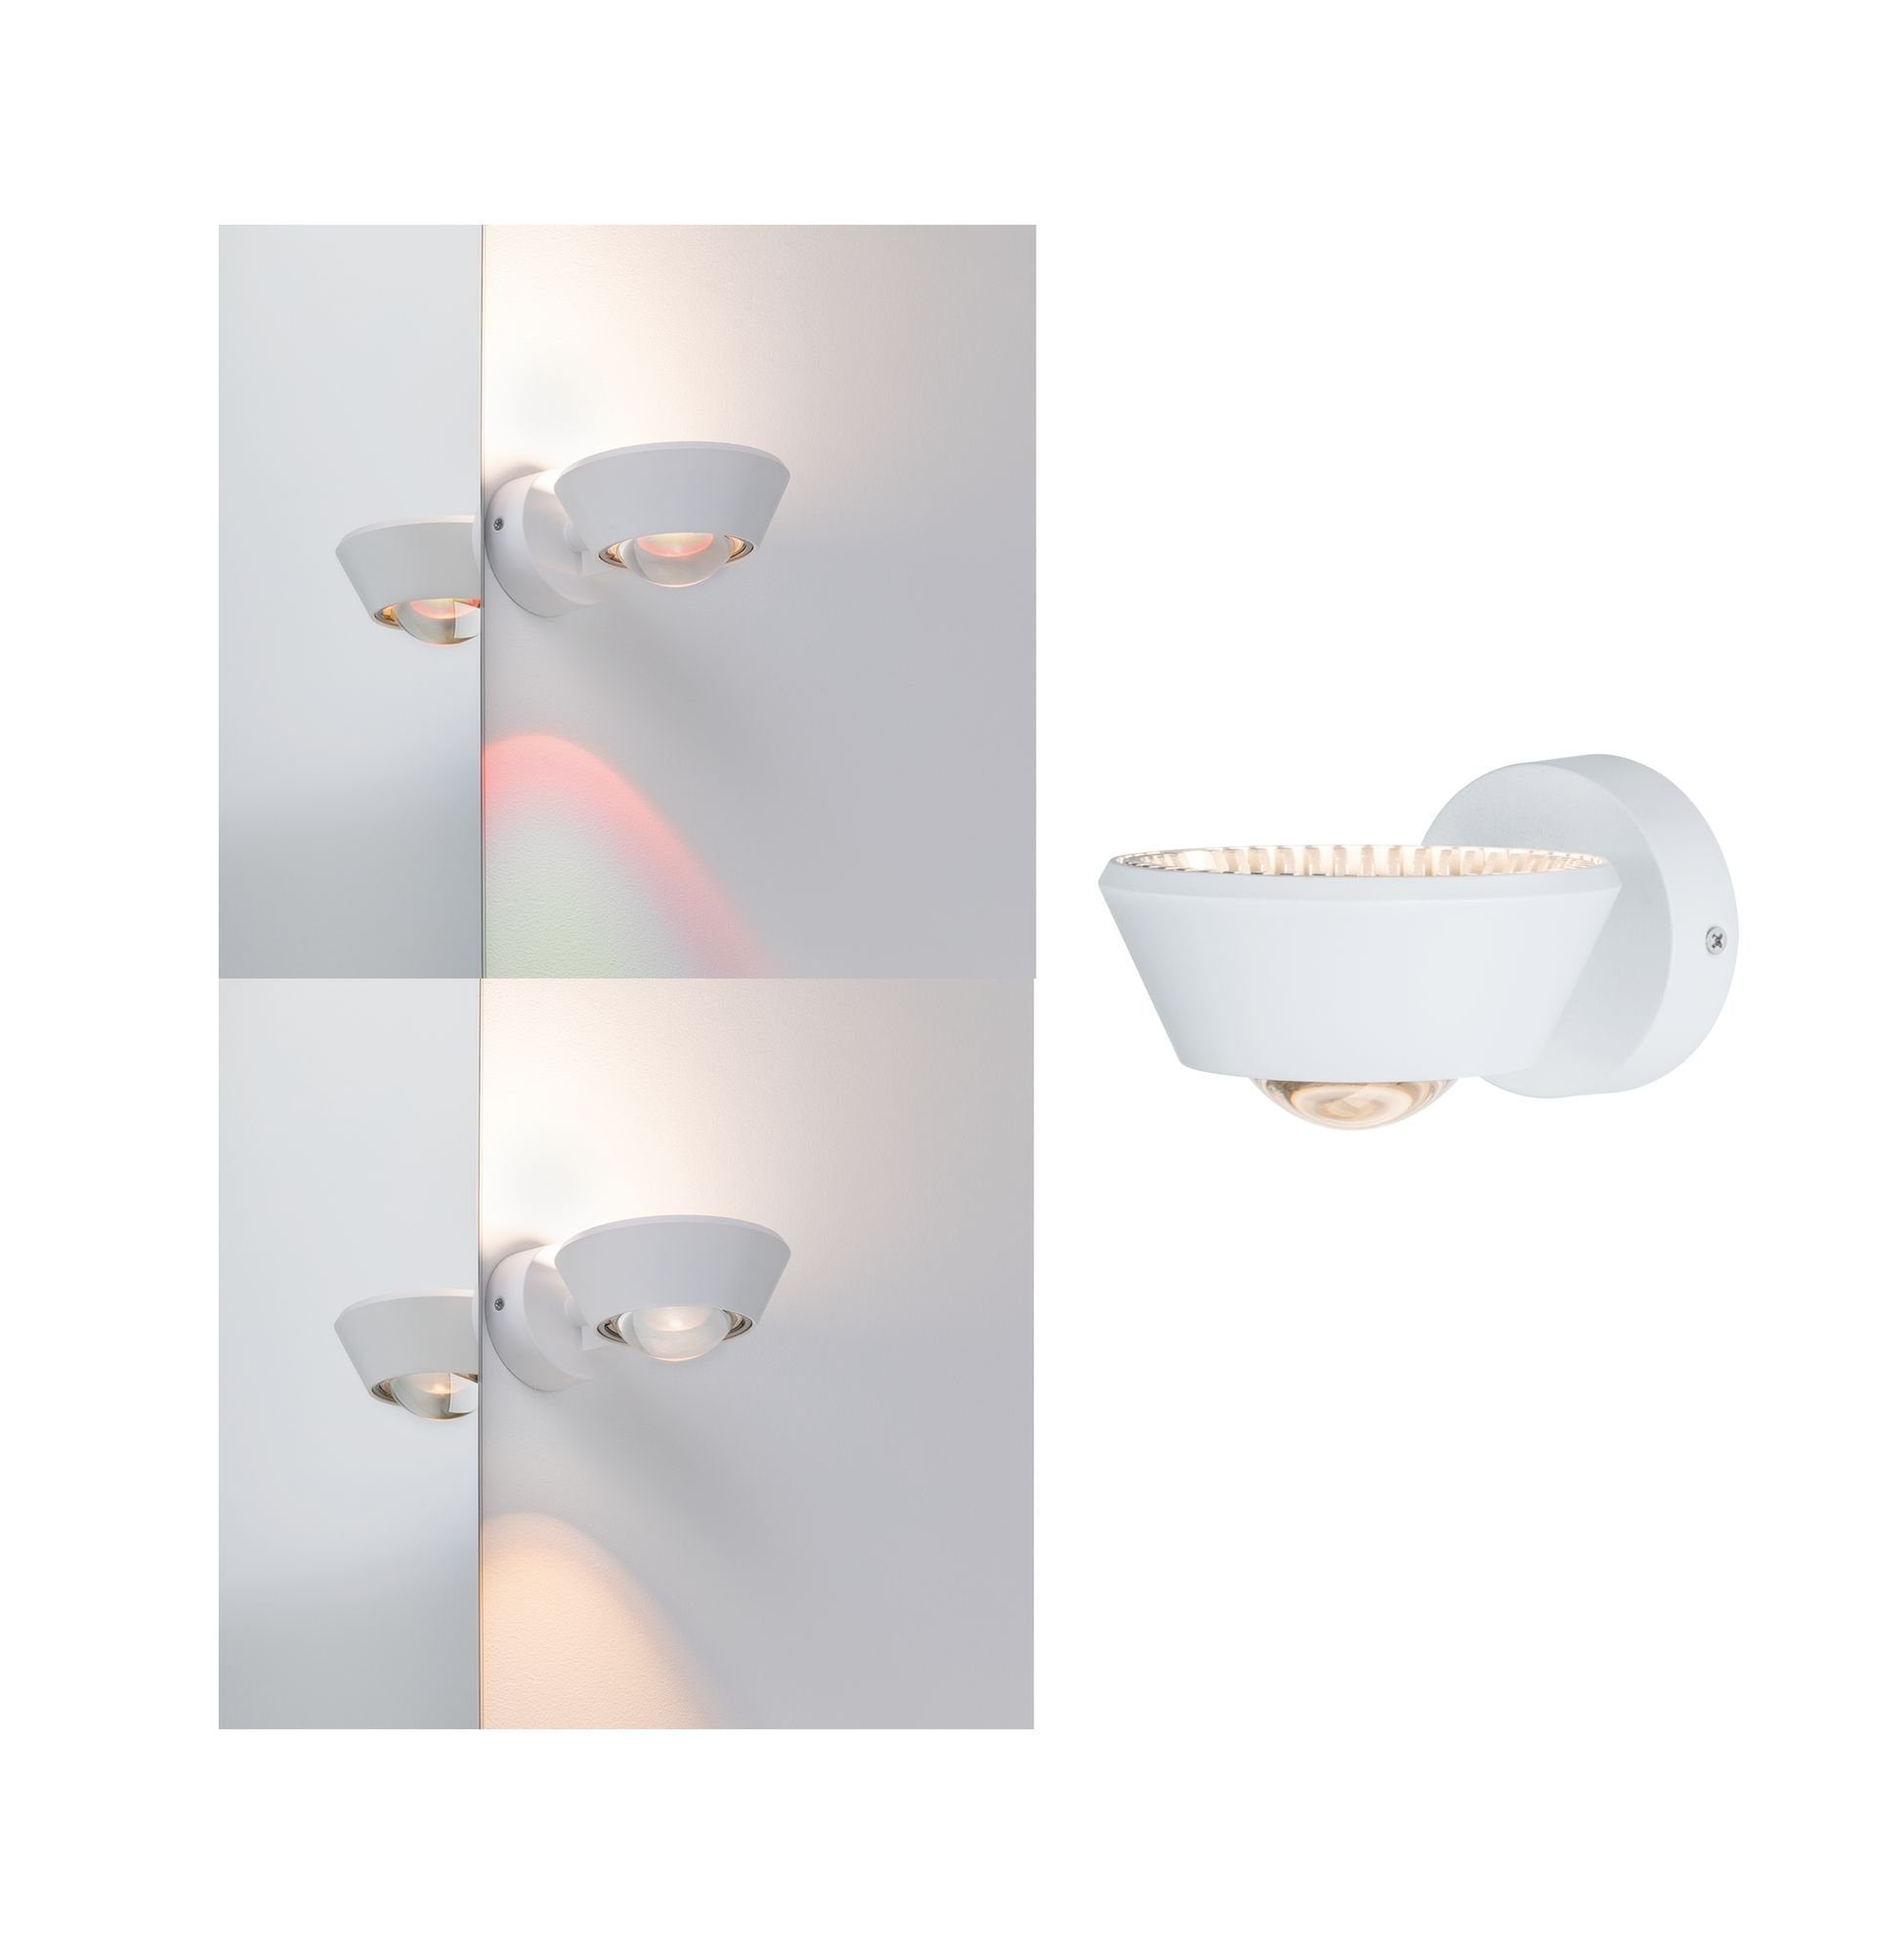 Paulmann,LED Wandleuchte Sabik 13W Weiß matt dimmbar